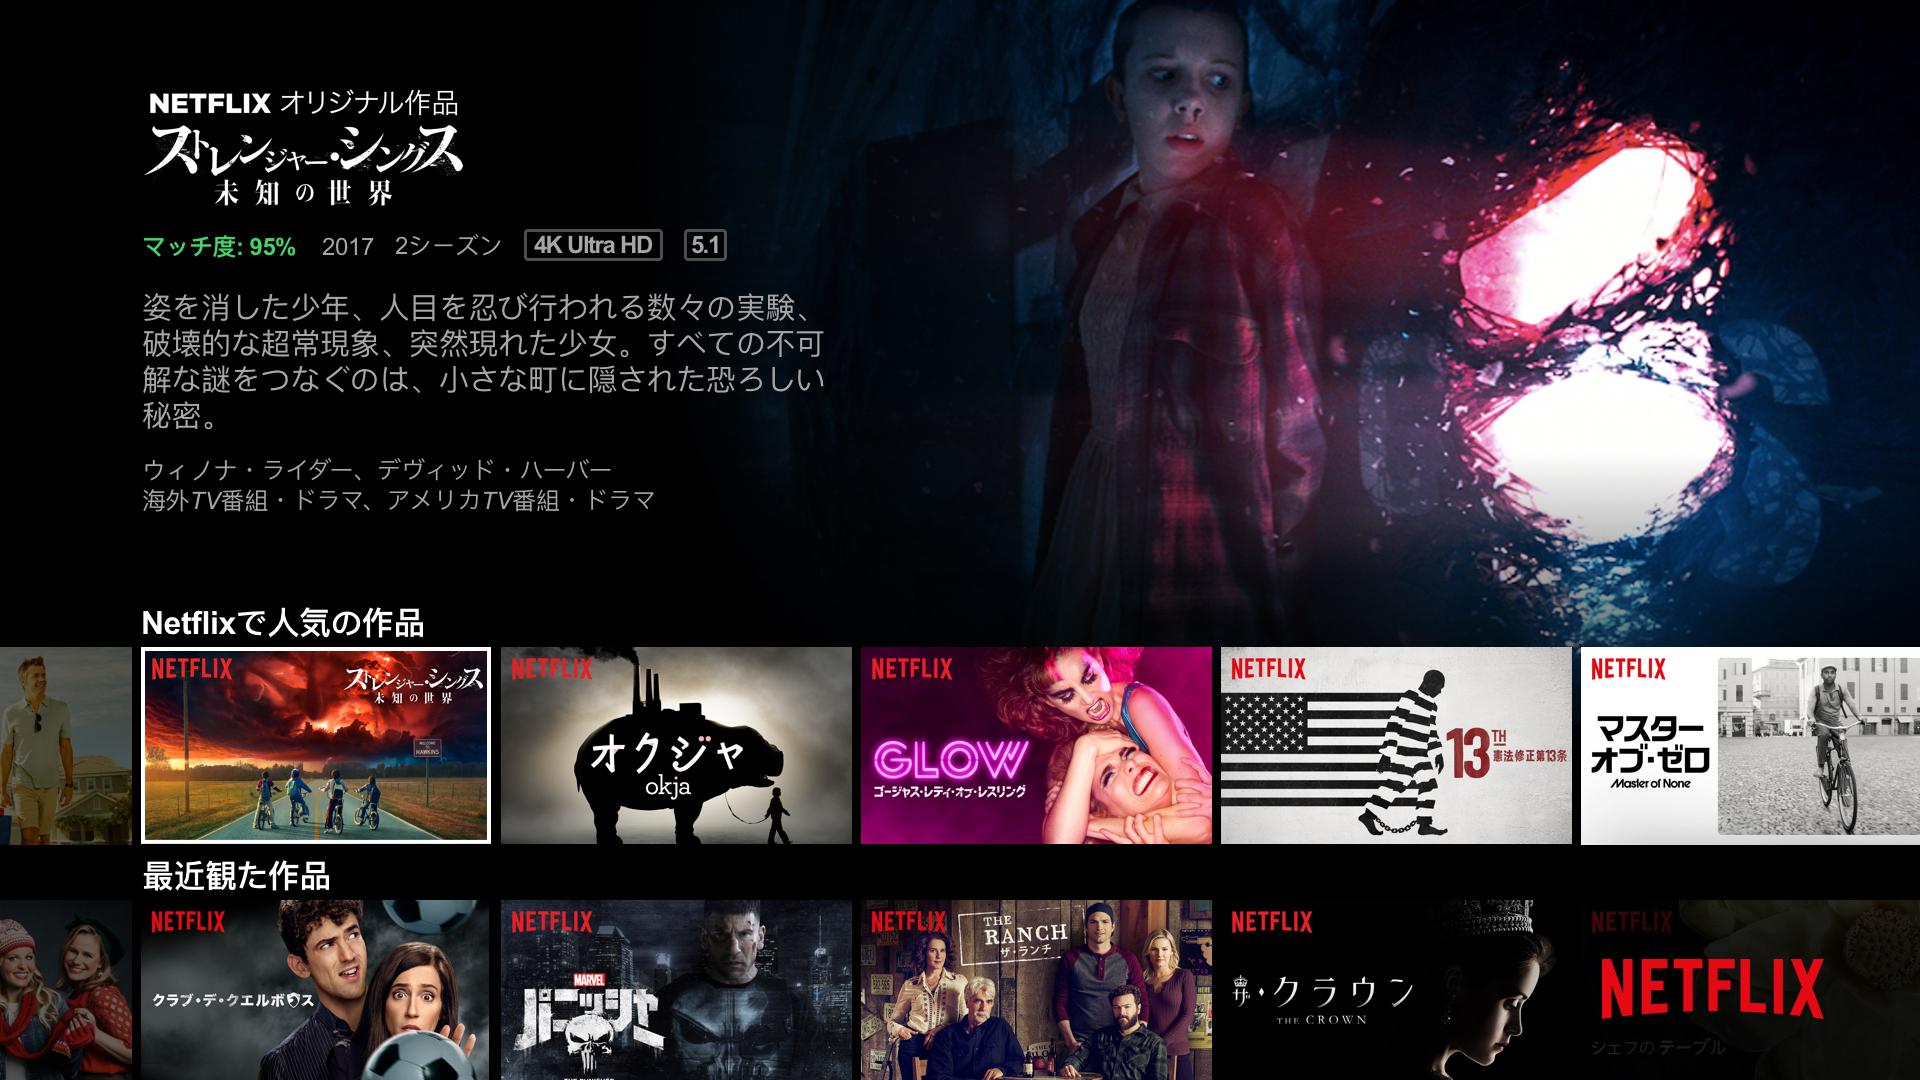 Netflix_Japanese